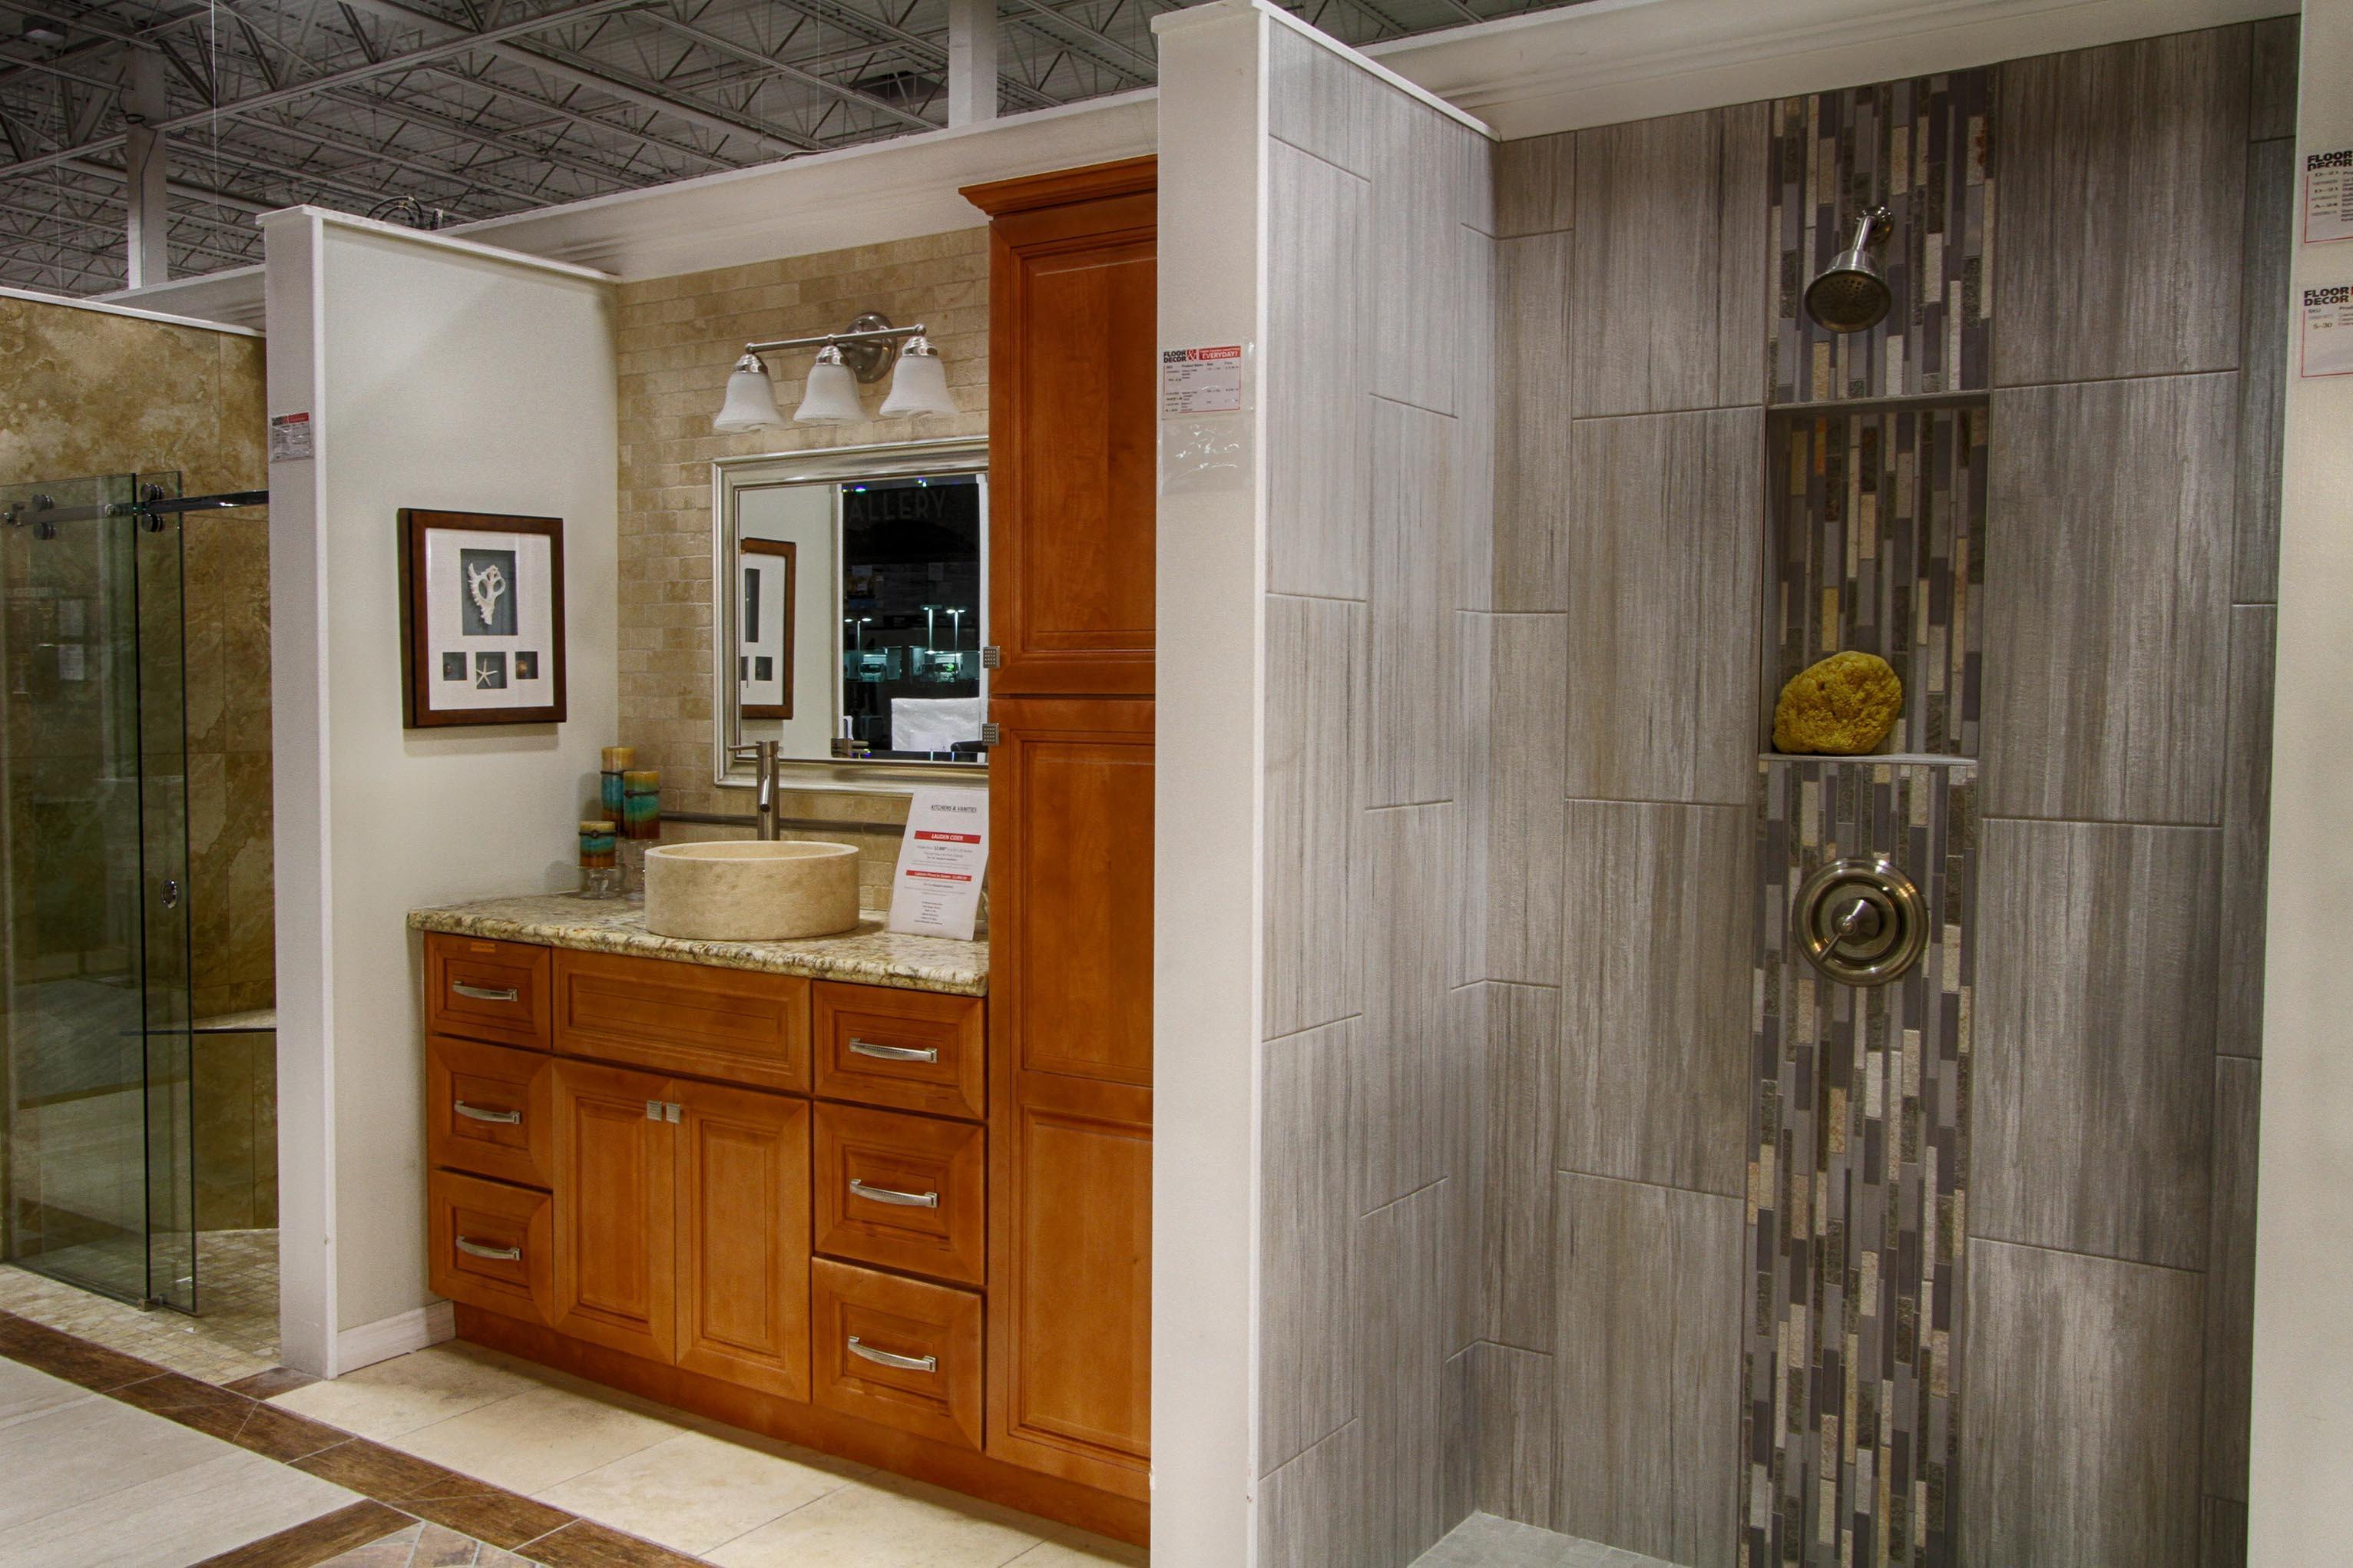 Floor & Decor image 8